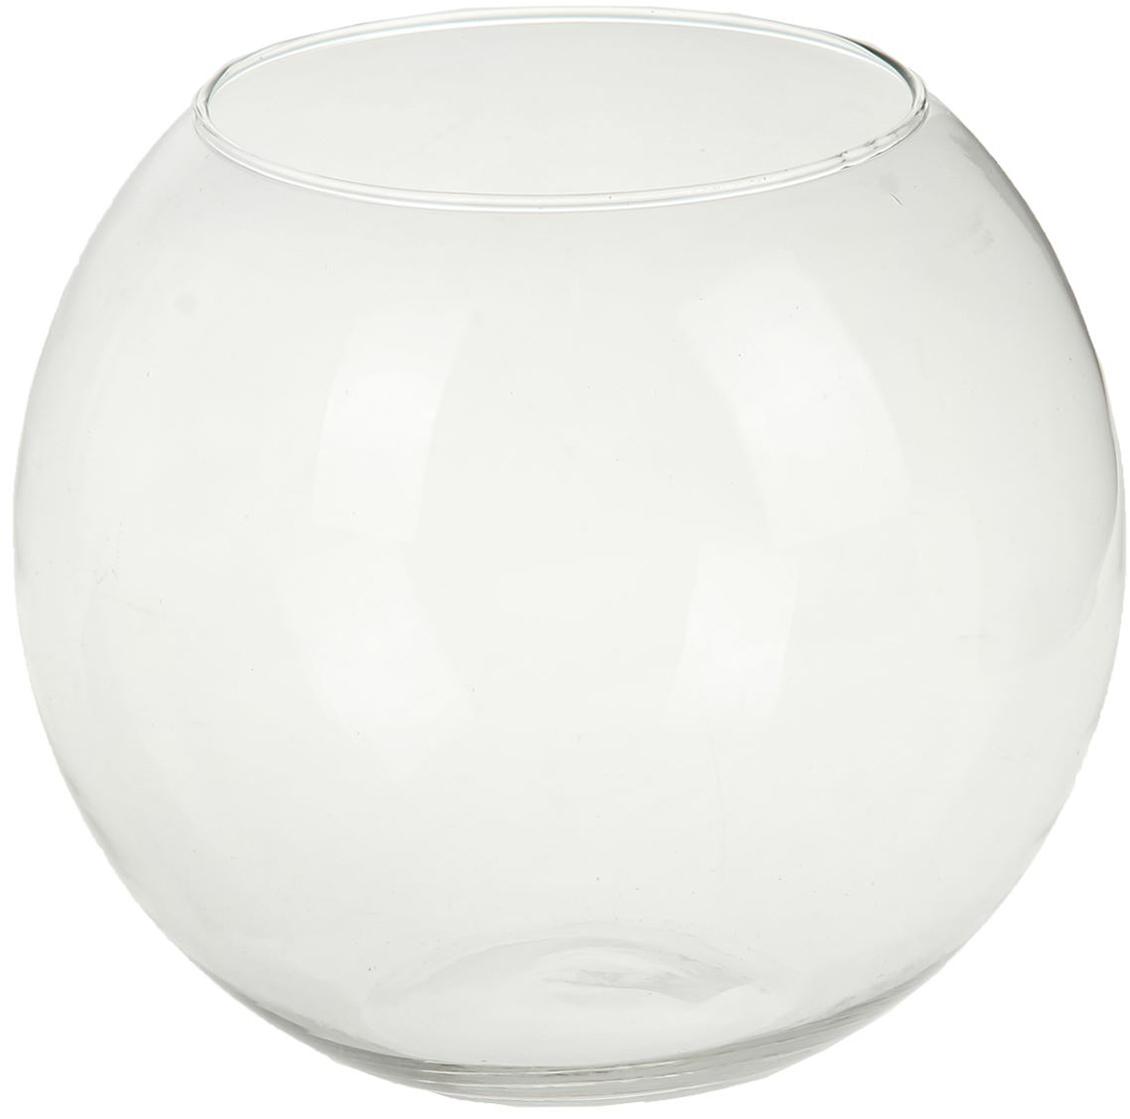 Ваза-шар Evis Сфера, 4,5 л1149914Воплотите в жизнь самые смелые дизайнерские идеи по украшению дома! Ваза из прозрачного стекла - основа для вашего творчества. Насыпьте в неё цветной песок, камушки, ракушки или другой декор. Создавайте восхитительные интерьерные композиции из цветов и зелени. Ваза-шар Сфера 4,5 л станет незабываемым подарком, если поместить в неё конфеты или другие сладости. Дайте волю фантазии! Каждая ваза выдувается мастером - вы не найдёте двух совершенно одинаковых. А случайный пузырёк воздуха или застывшая стеклянная капелька на горлышке лишь подчёркивают её уникальность.